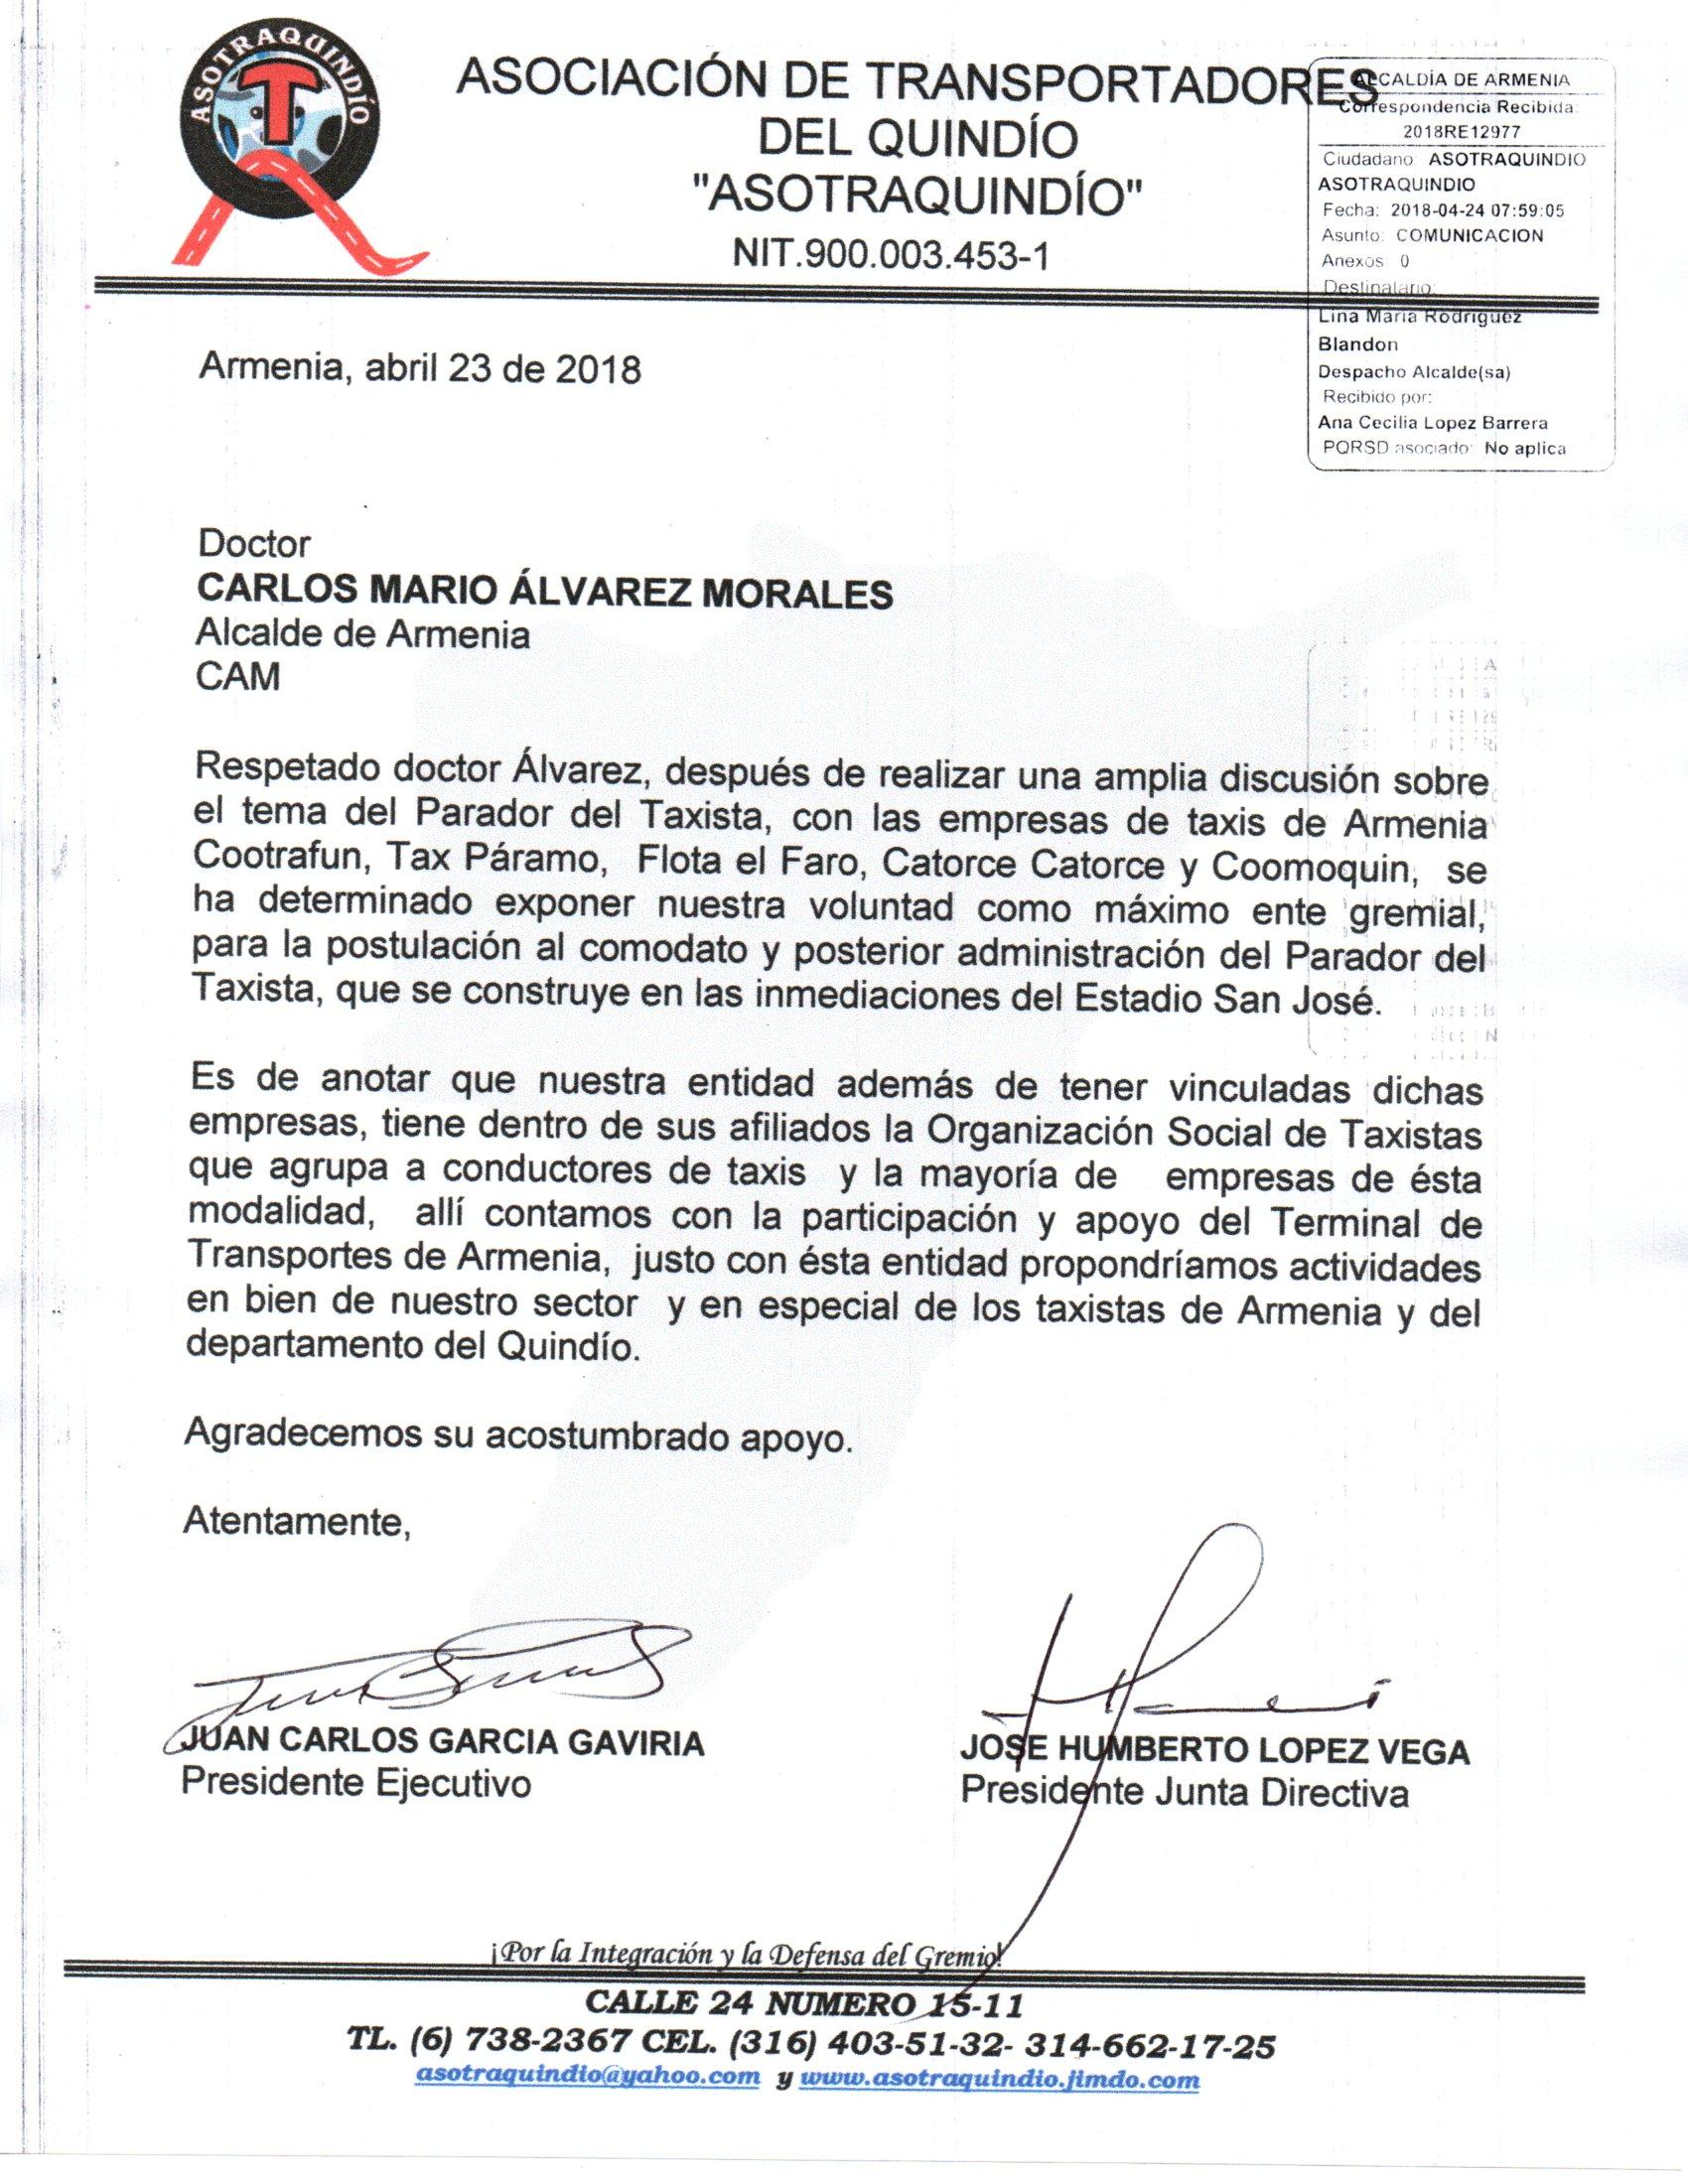 ULTIMOS DOCUMENTOS CONOCIDOS O NUEVAS NORMAS DEL TRANSPORTE - Página ...